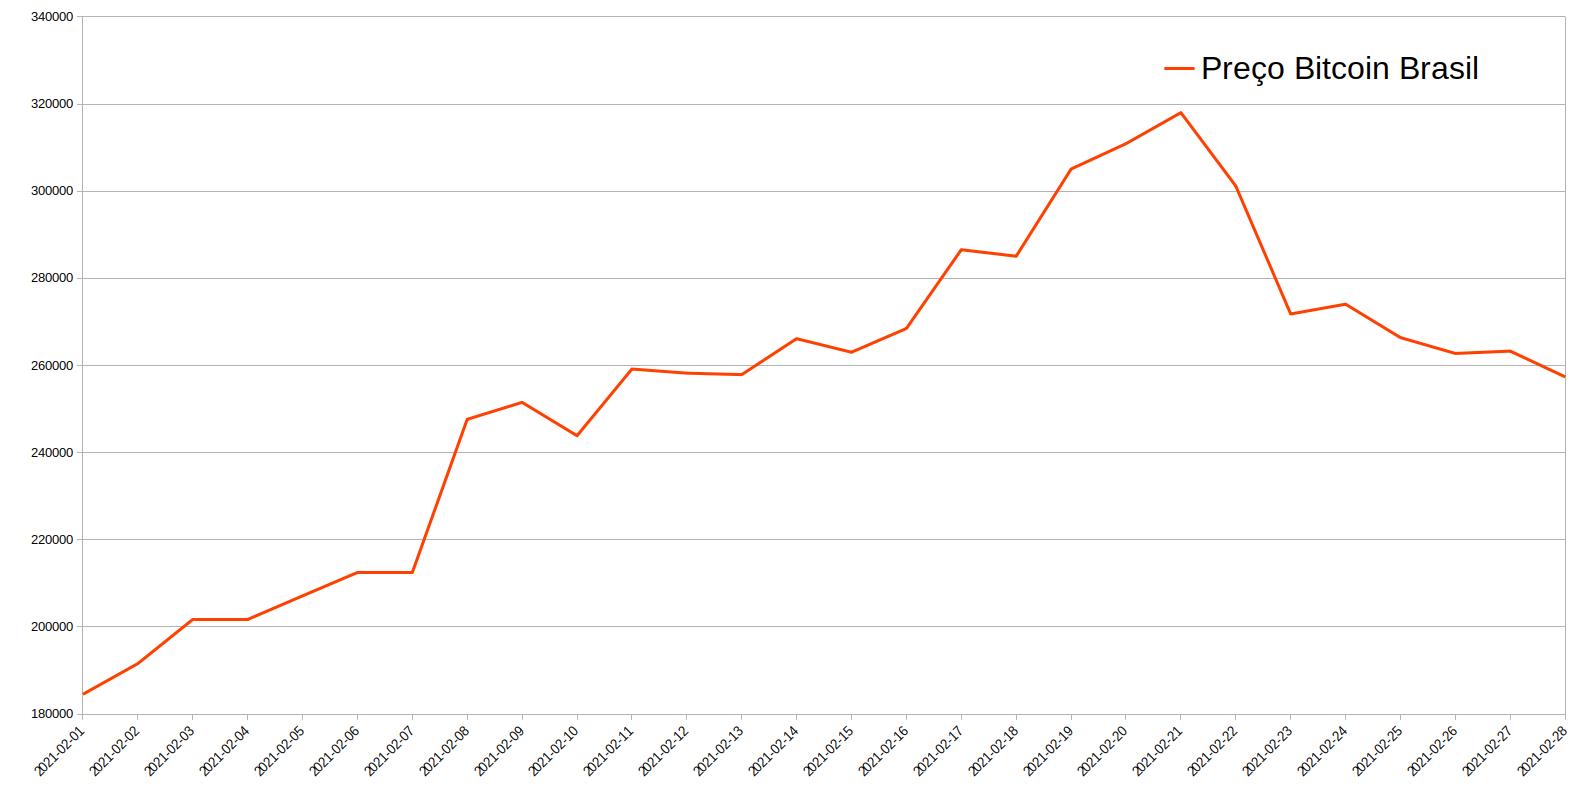 Preço do Bitcoin no Brasil em fevereiro de 2021. Fonte: Cointrader Monitor.